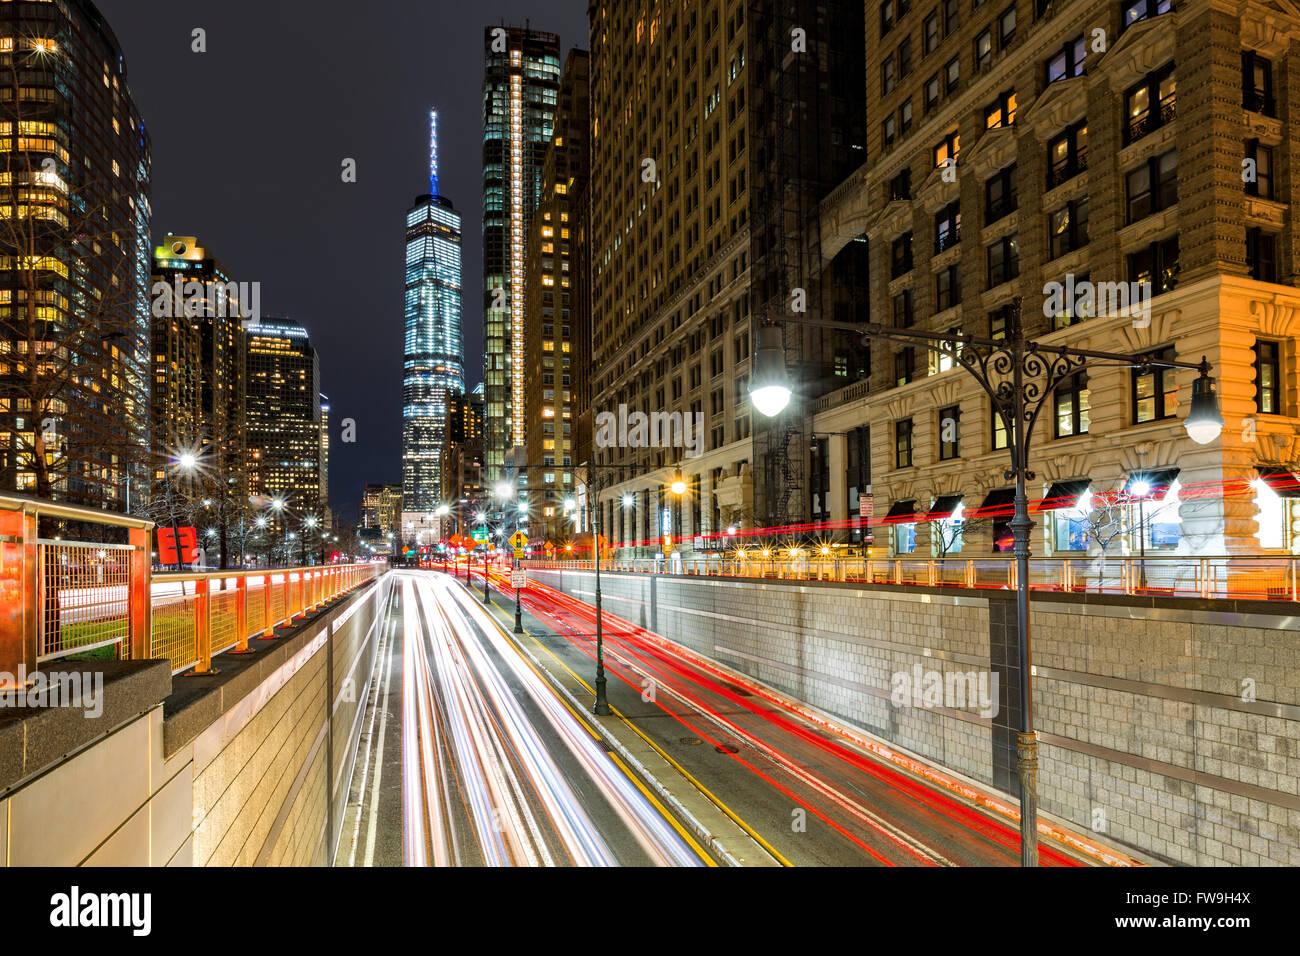 I percorsi del traffico nel centro cittadino di New York City all'entrata in Battery Park galleria Immagini Stock